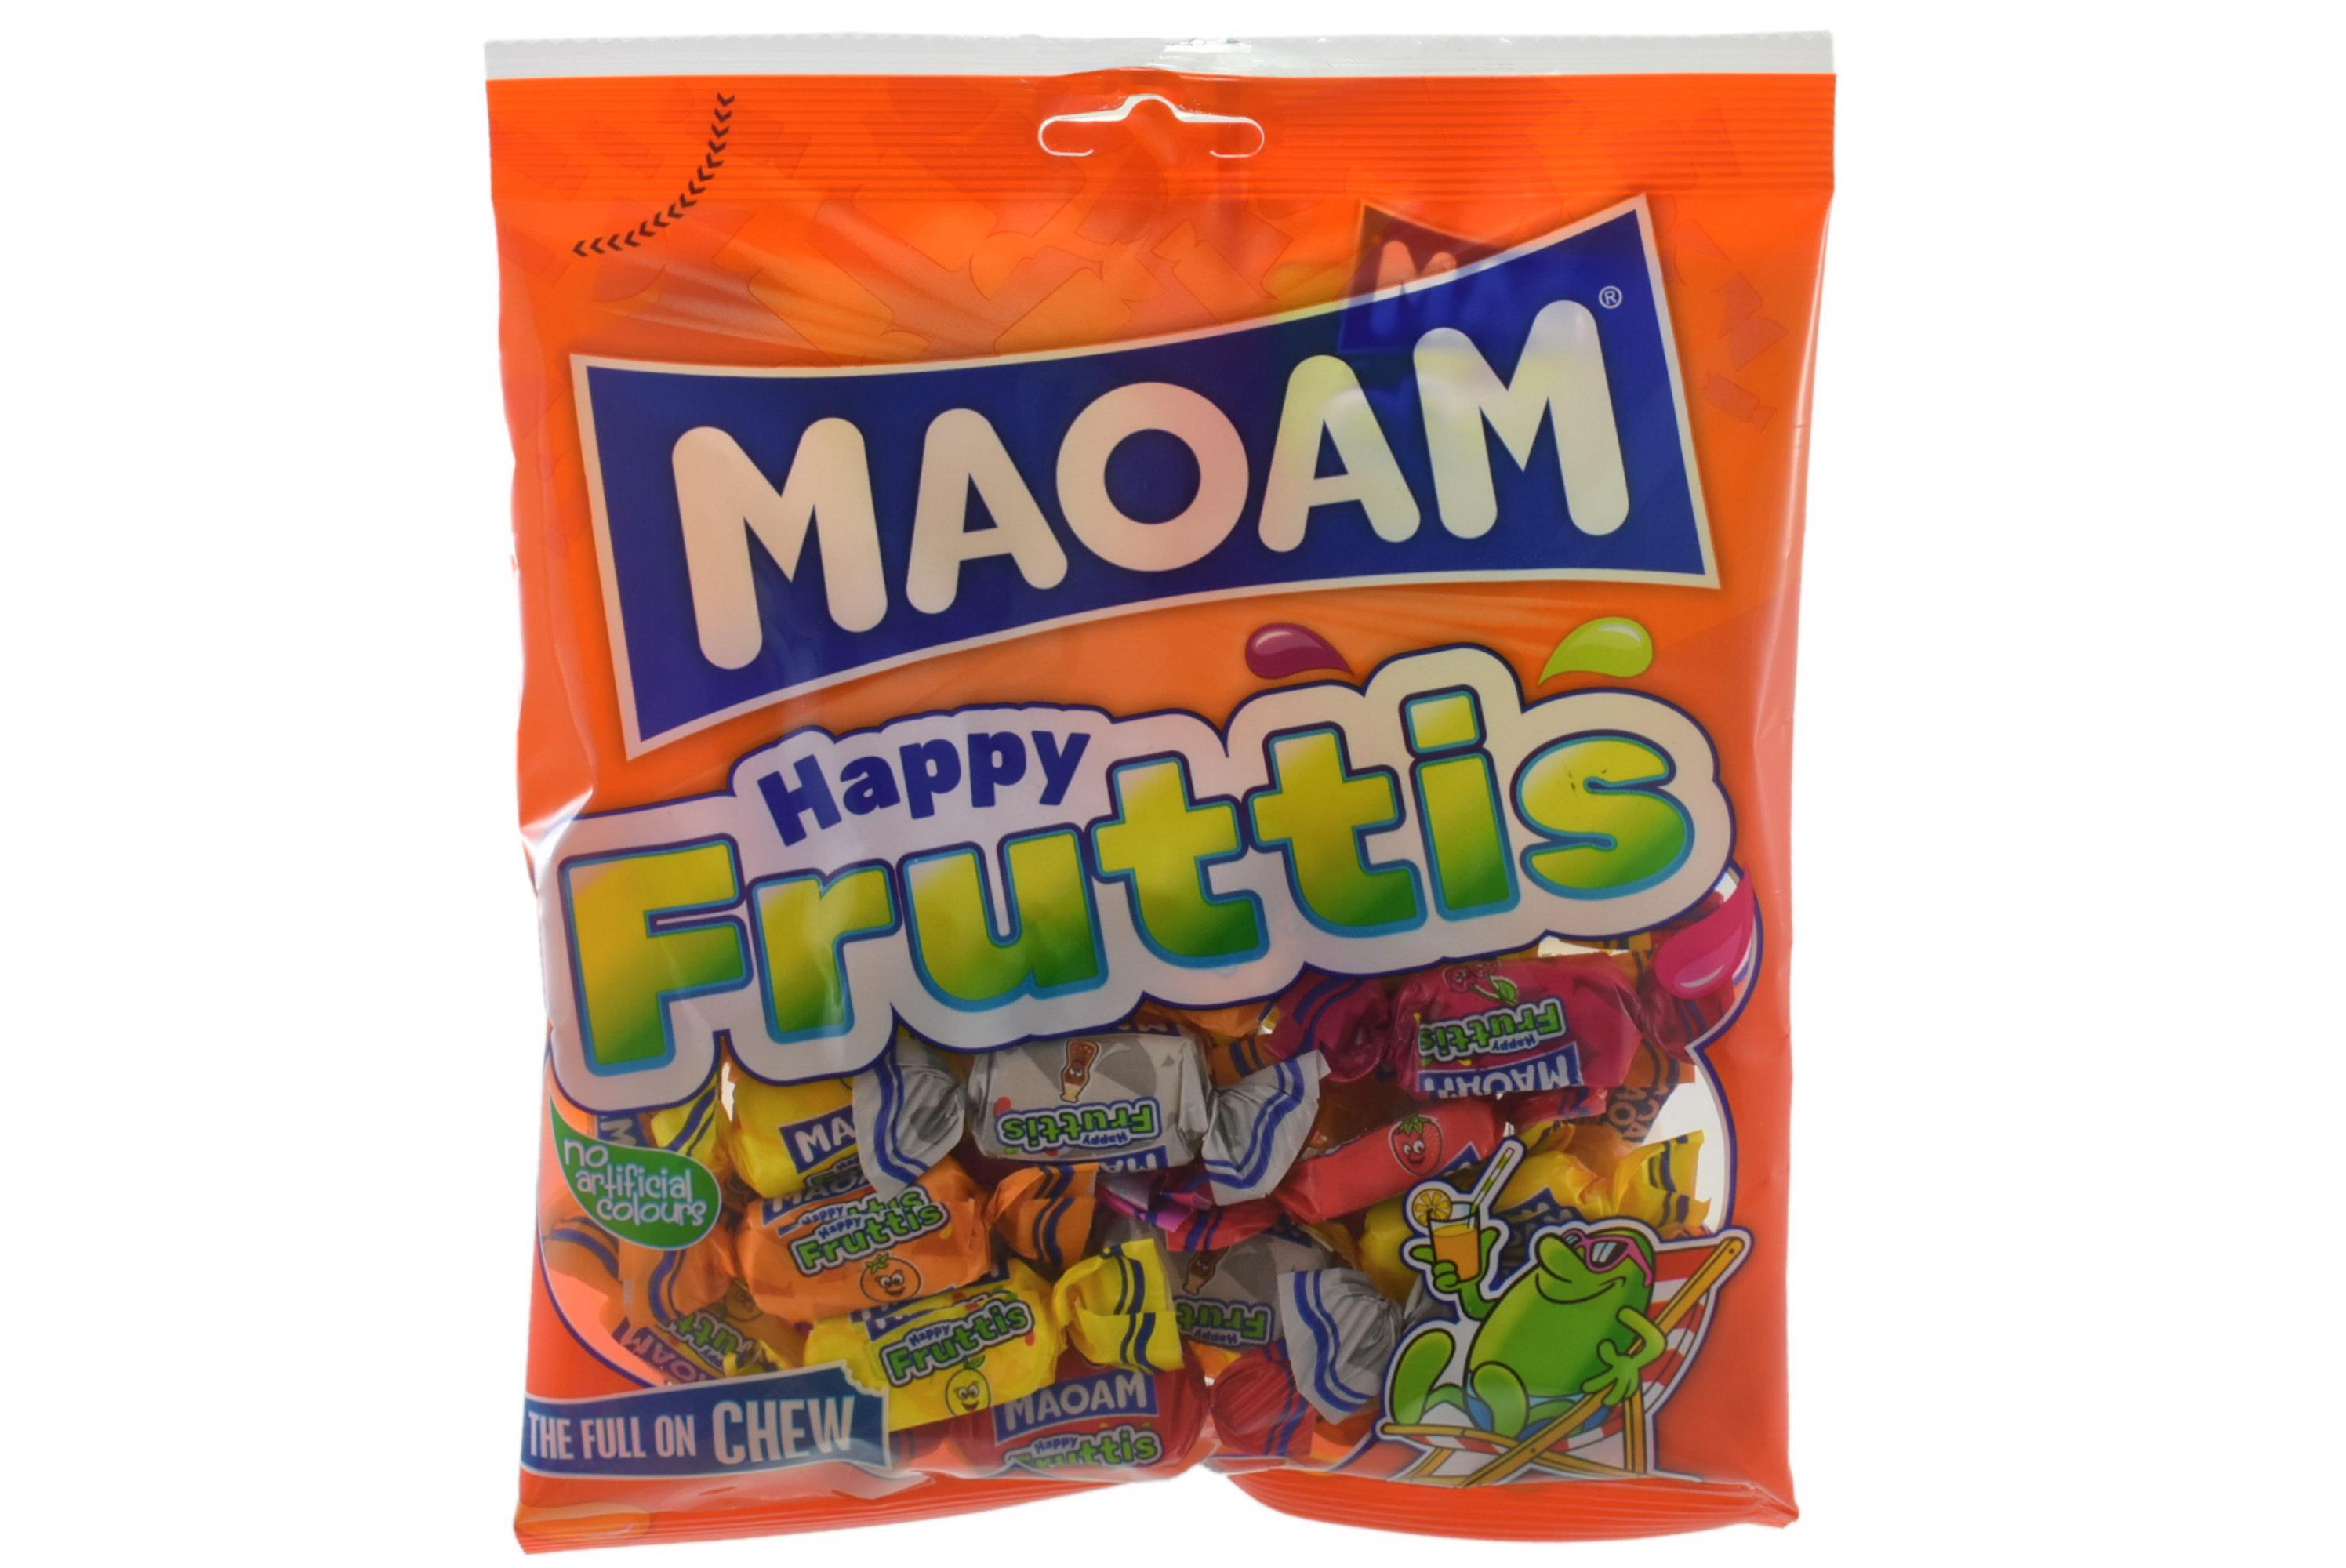 140g Maoam Happy Fruttis Prepack - Haribo